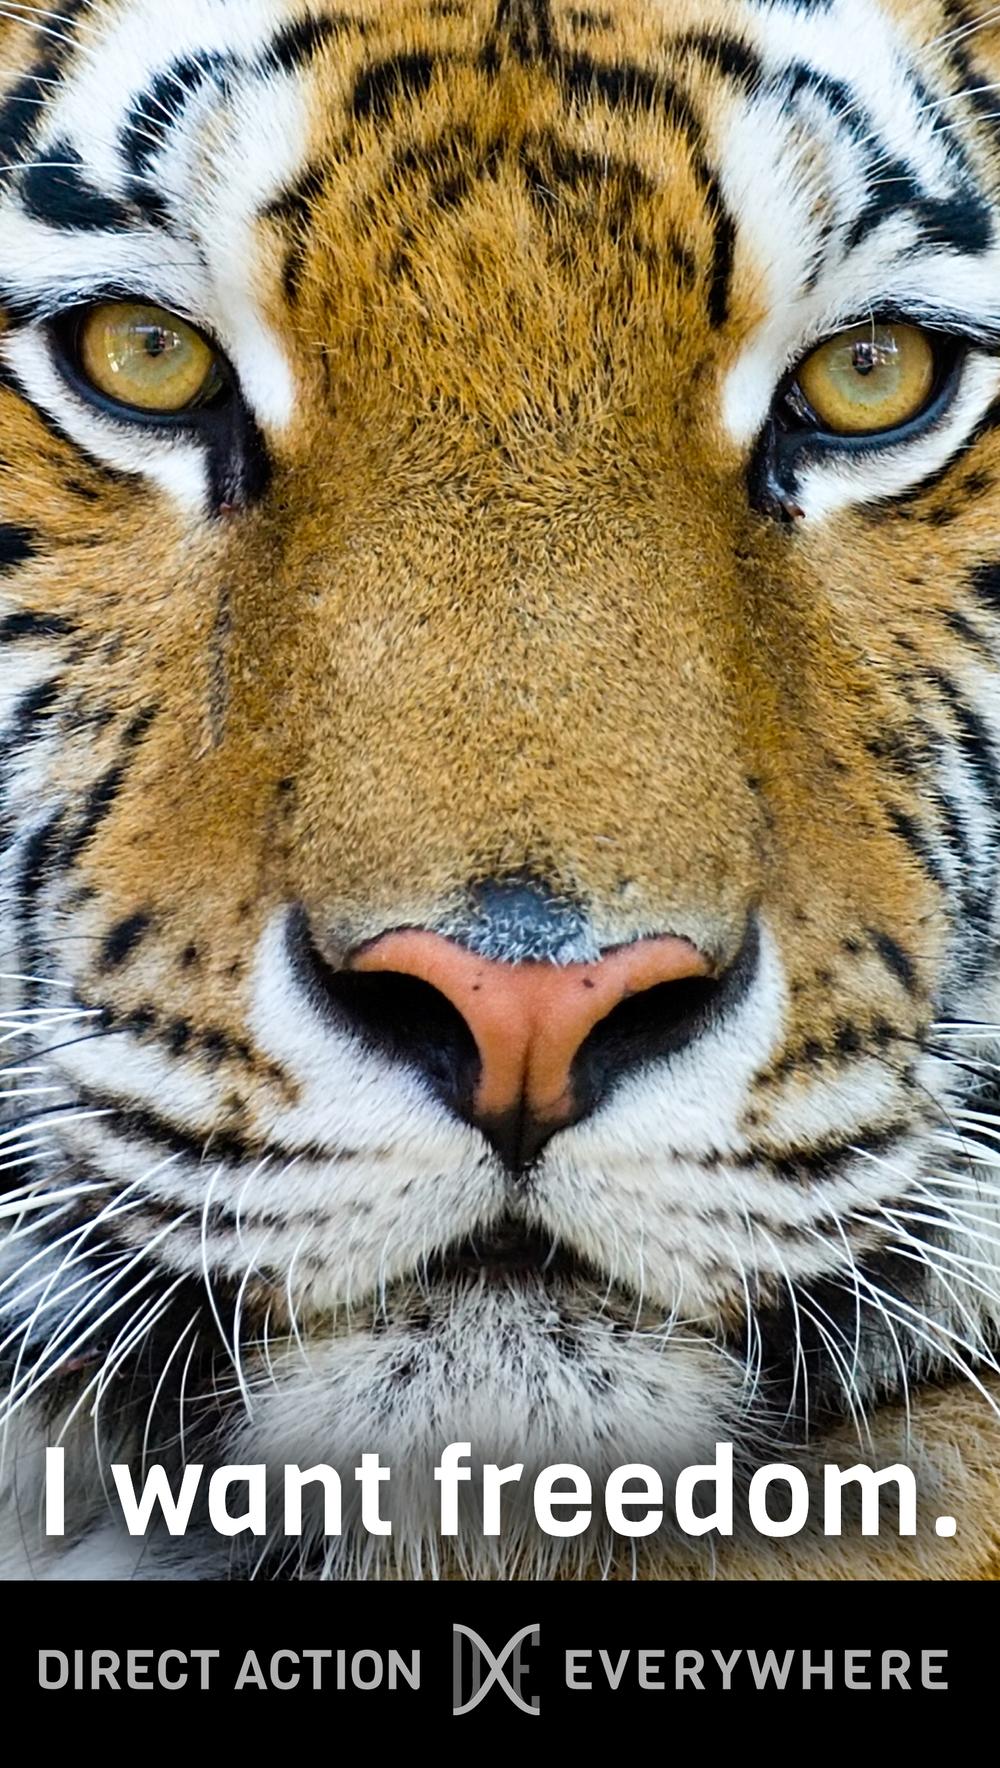 iwantfreedom_tiger.jpg